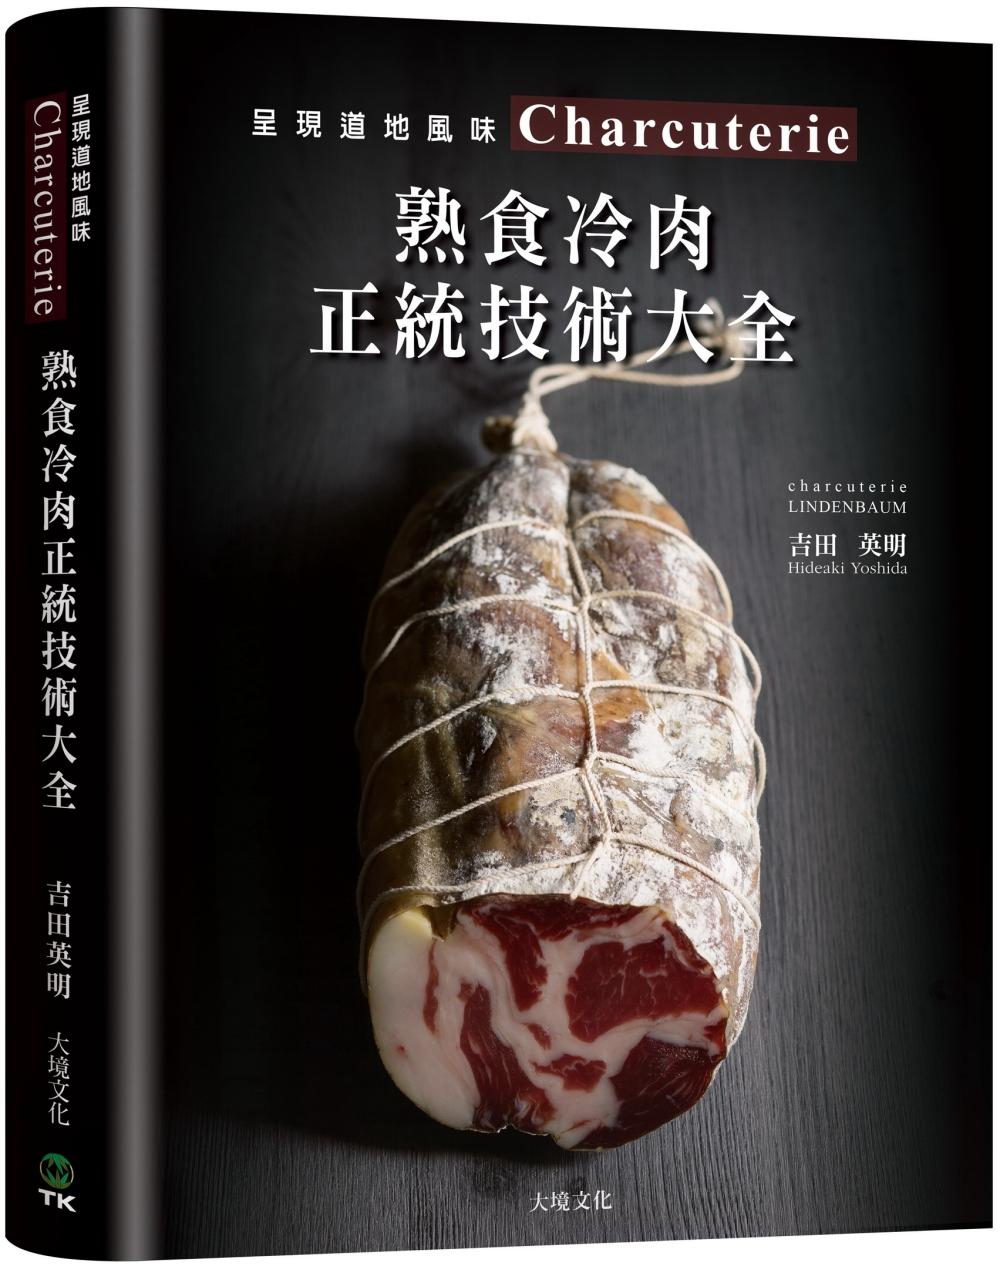 Charcuterie熟食冷肉正統技術大全:京都名店配方全收錄,唯一專書896張圖解,傳授肉腸、培根、火腿、酥皮肉醬、凍派等道地製法、應用變化